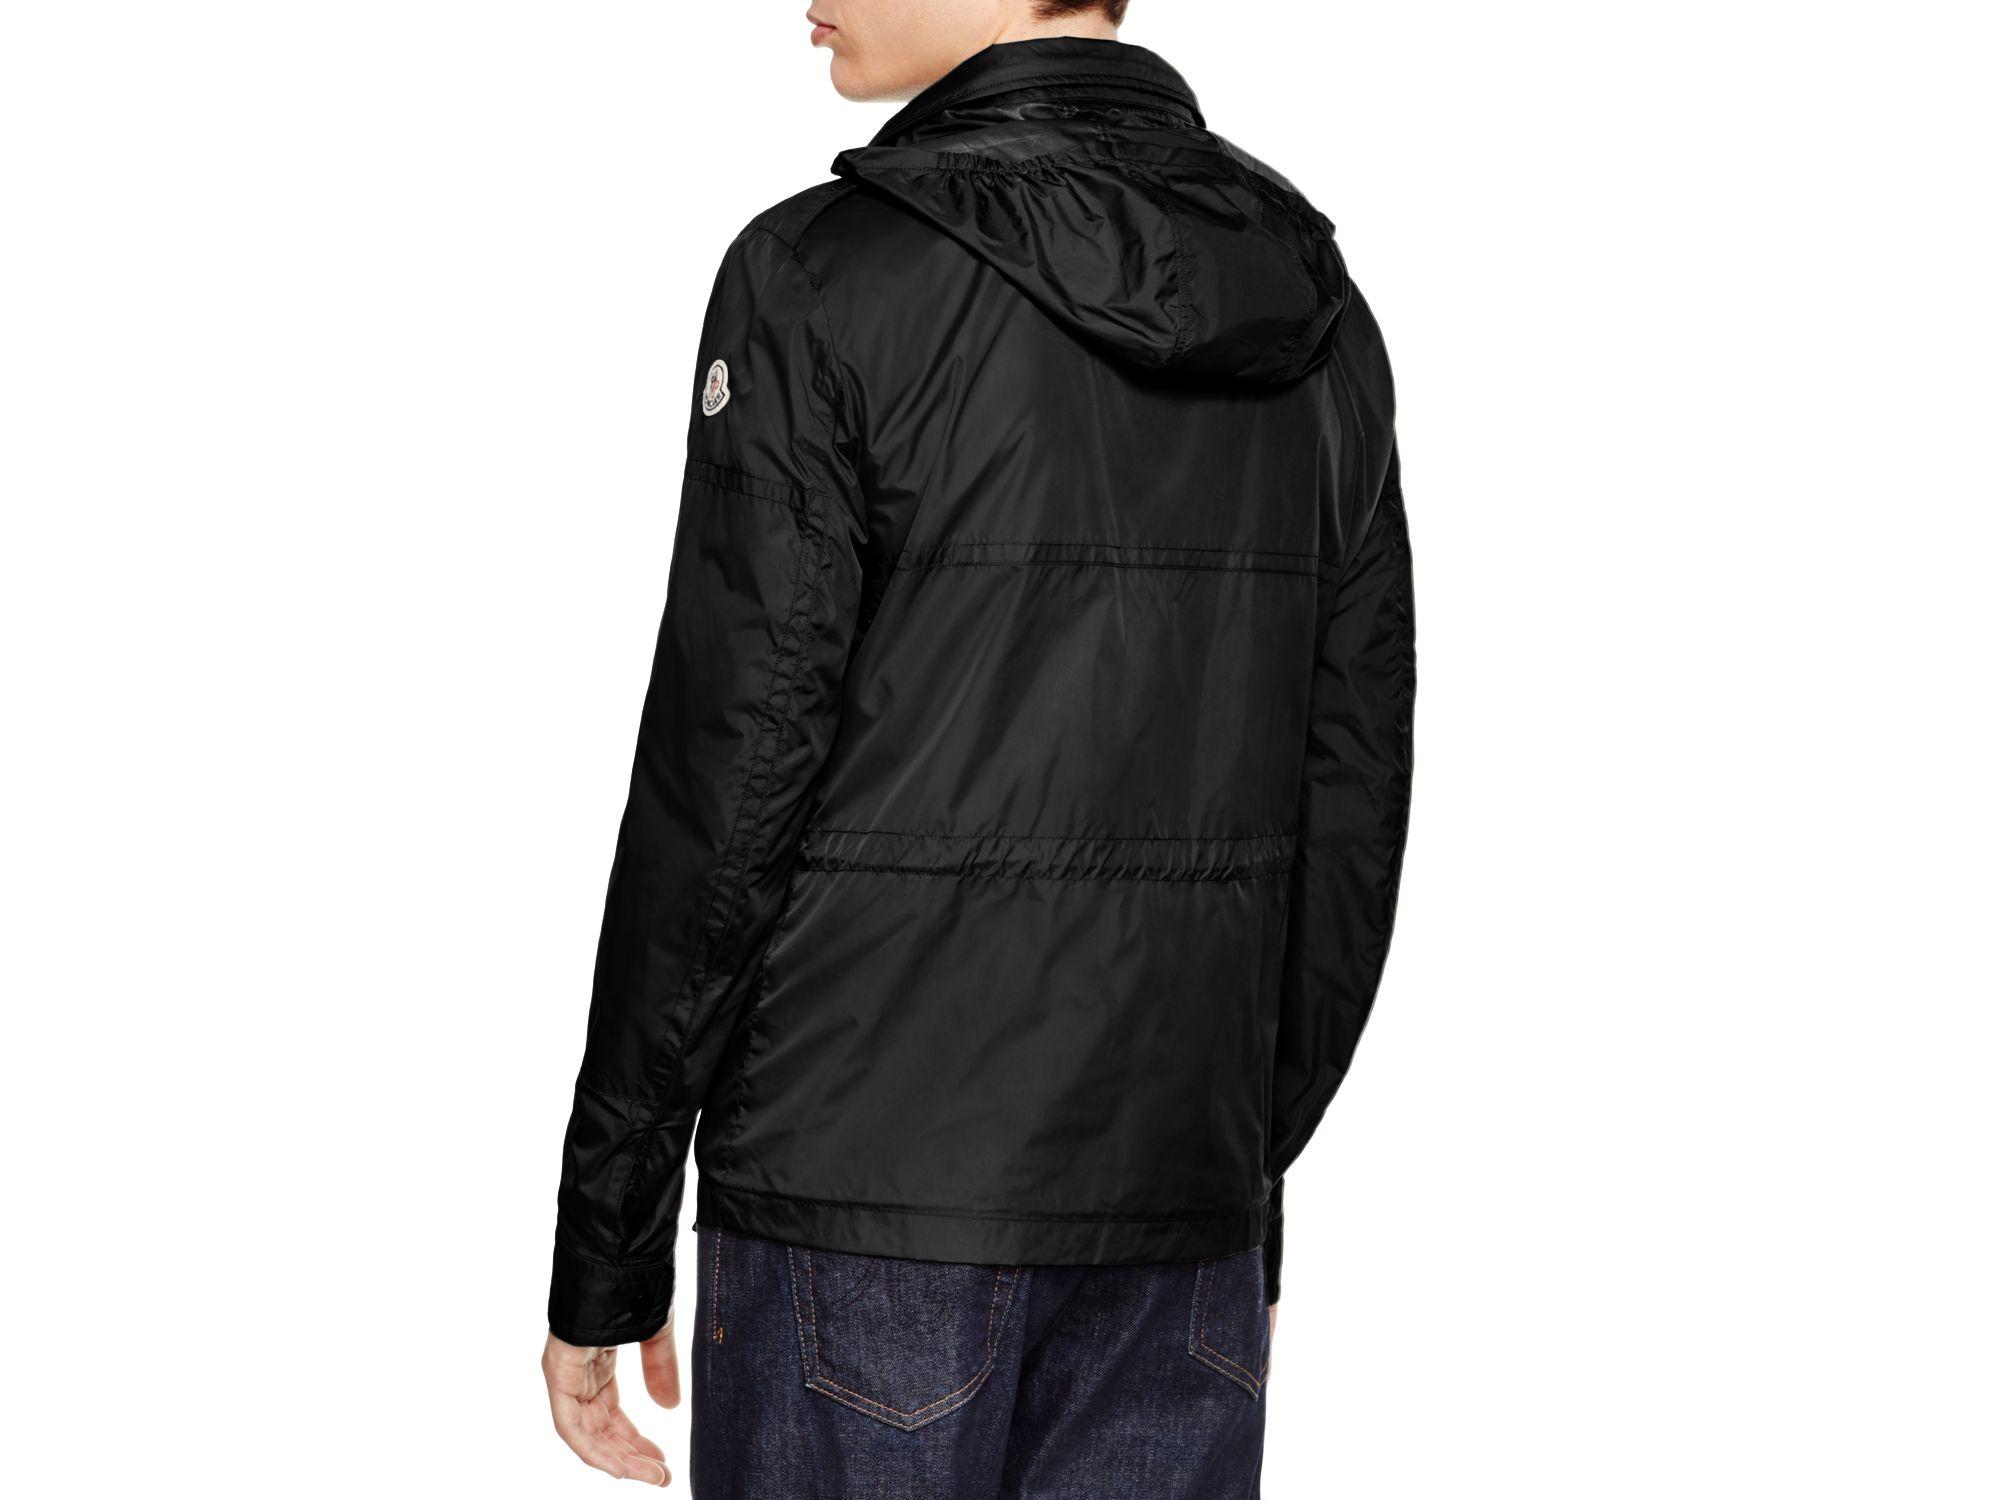 moncler mens jackets selfridges instrumental for sale moncler discount. Black Bedroom Furniture Sets. Home Design Ideas